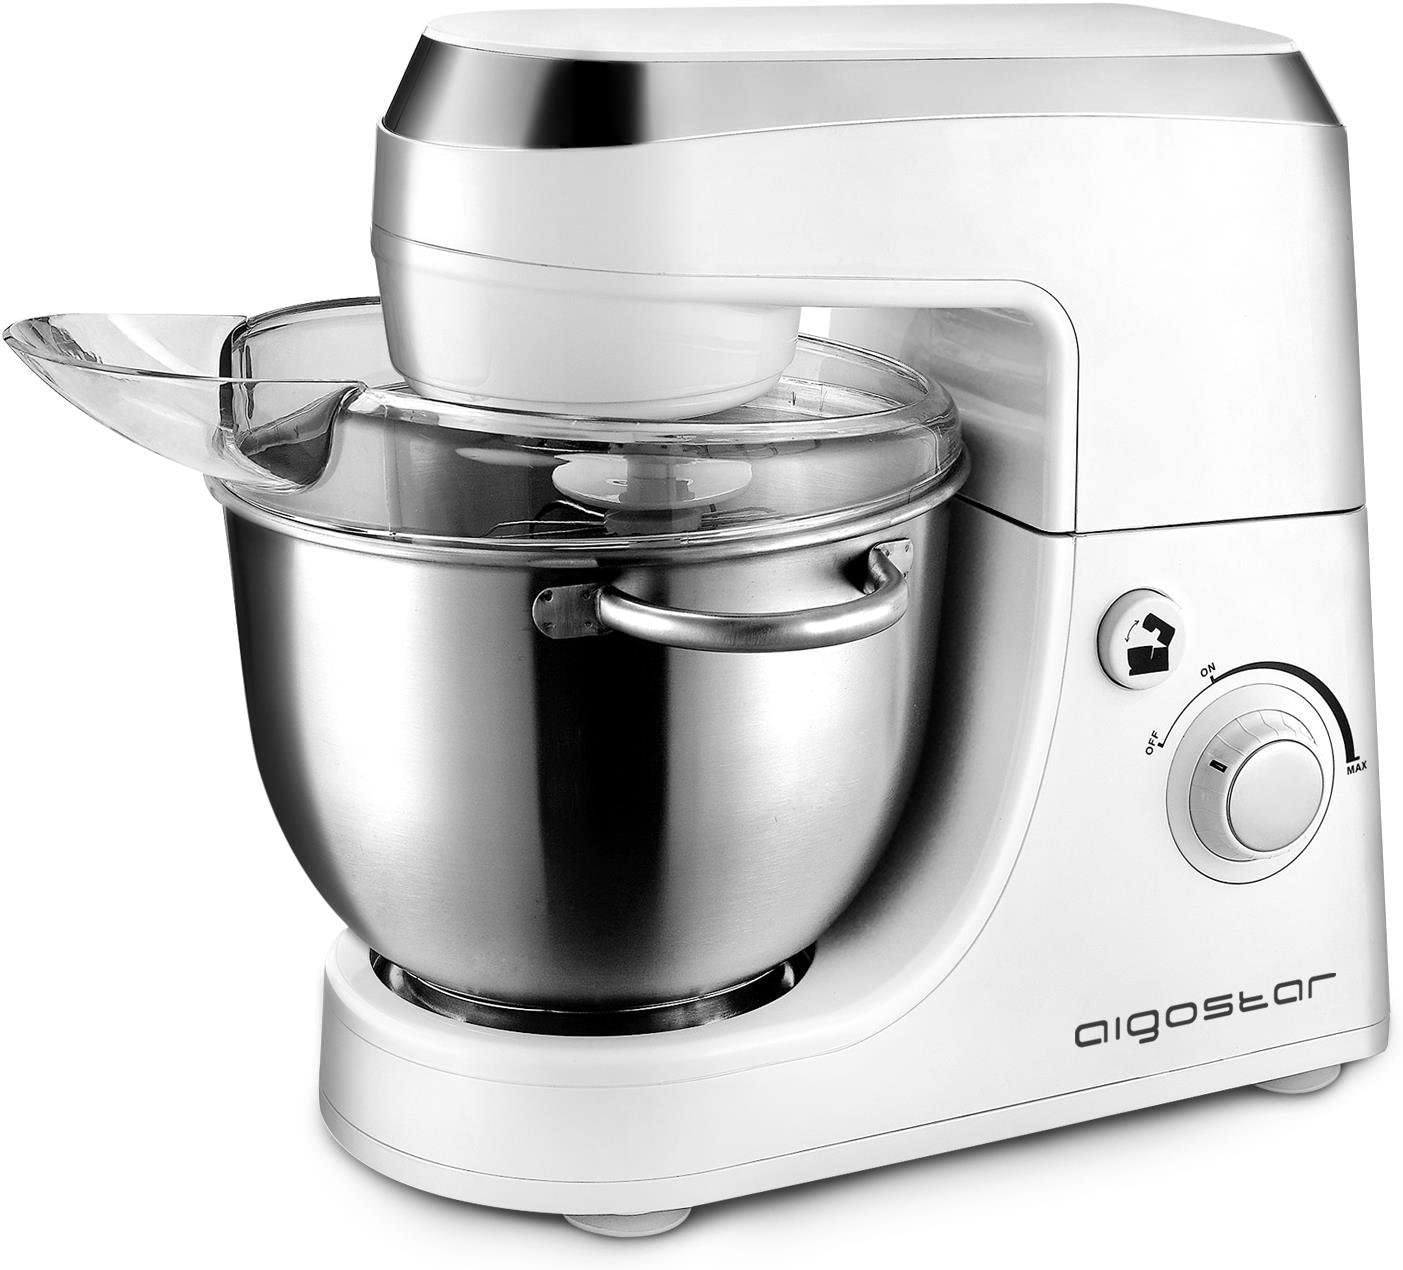 Aigostar Sourdough 30HLZ & Piccolo Mamma White 30HMA - Robot de cocina: Amazon.es: Hogar